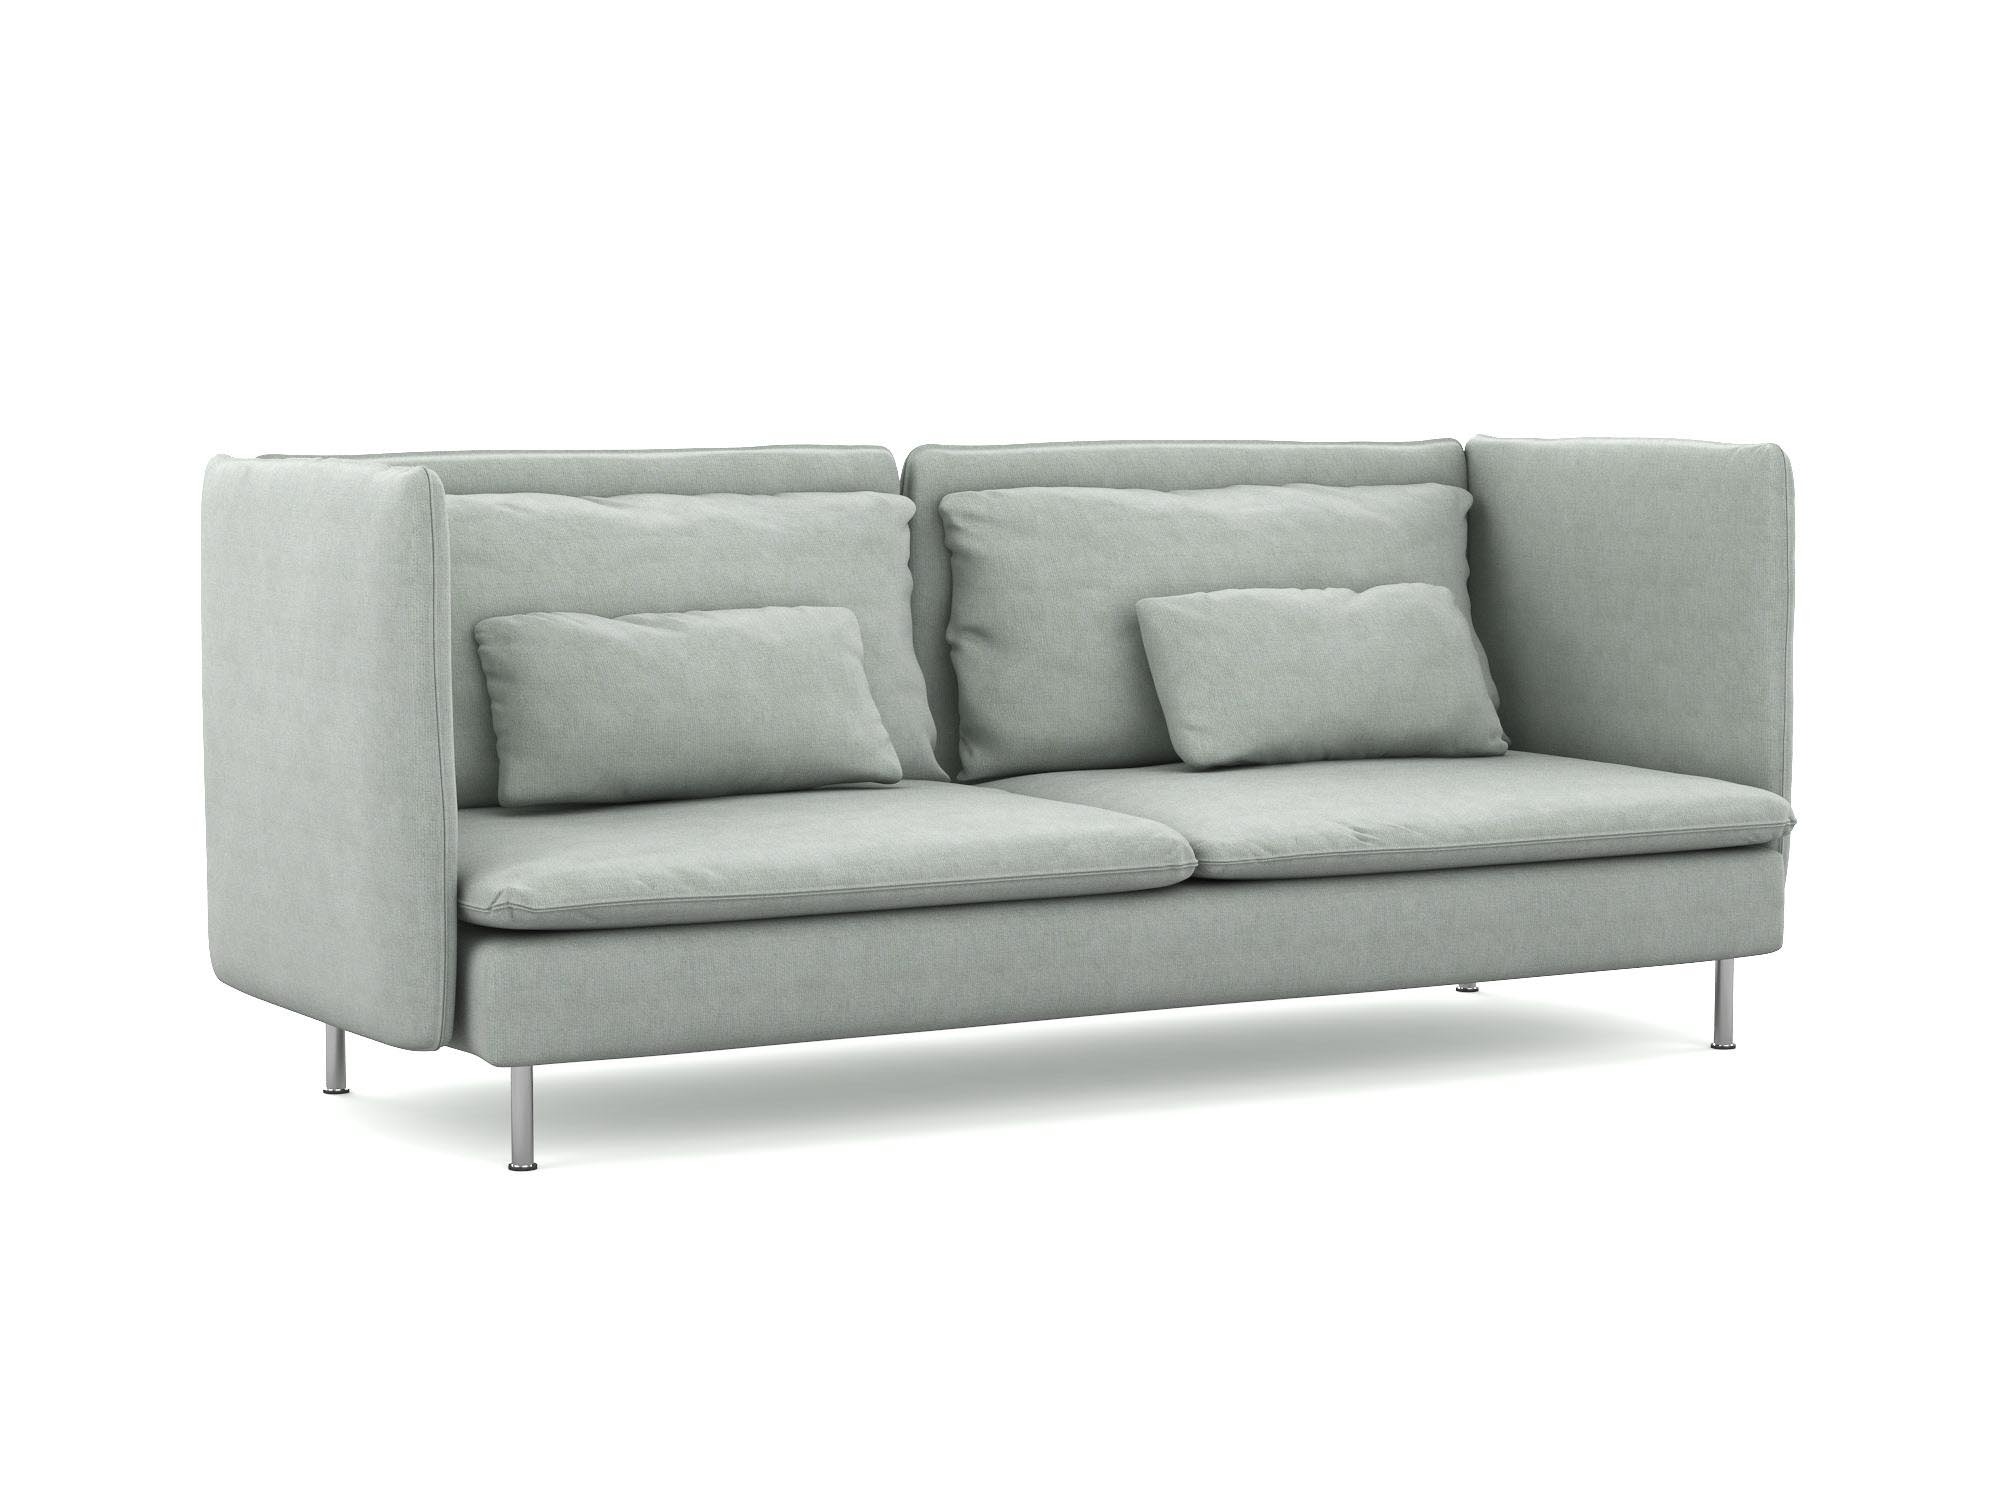 Söderhamn 3-Sitzer Hochlehnen-Sofabezug